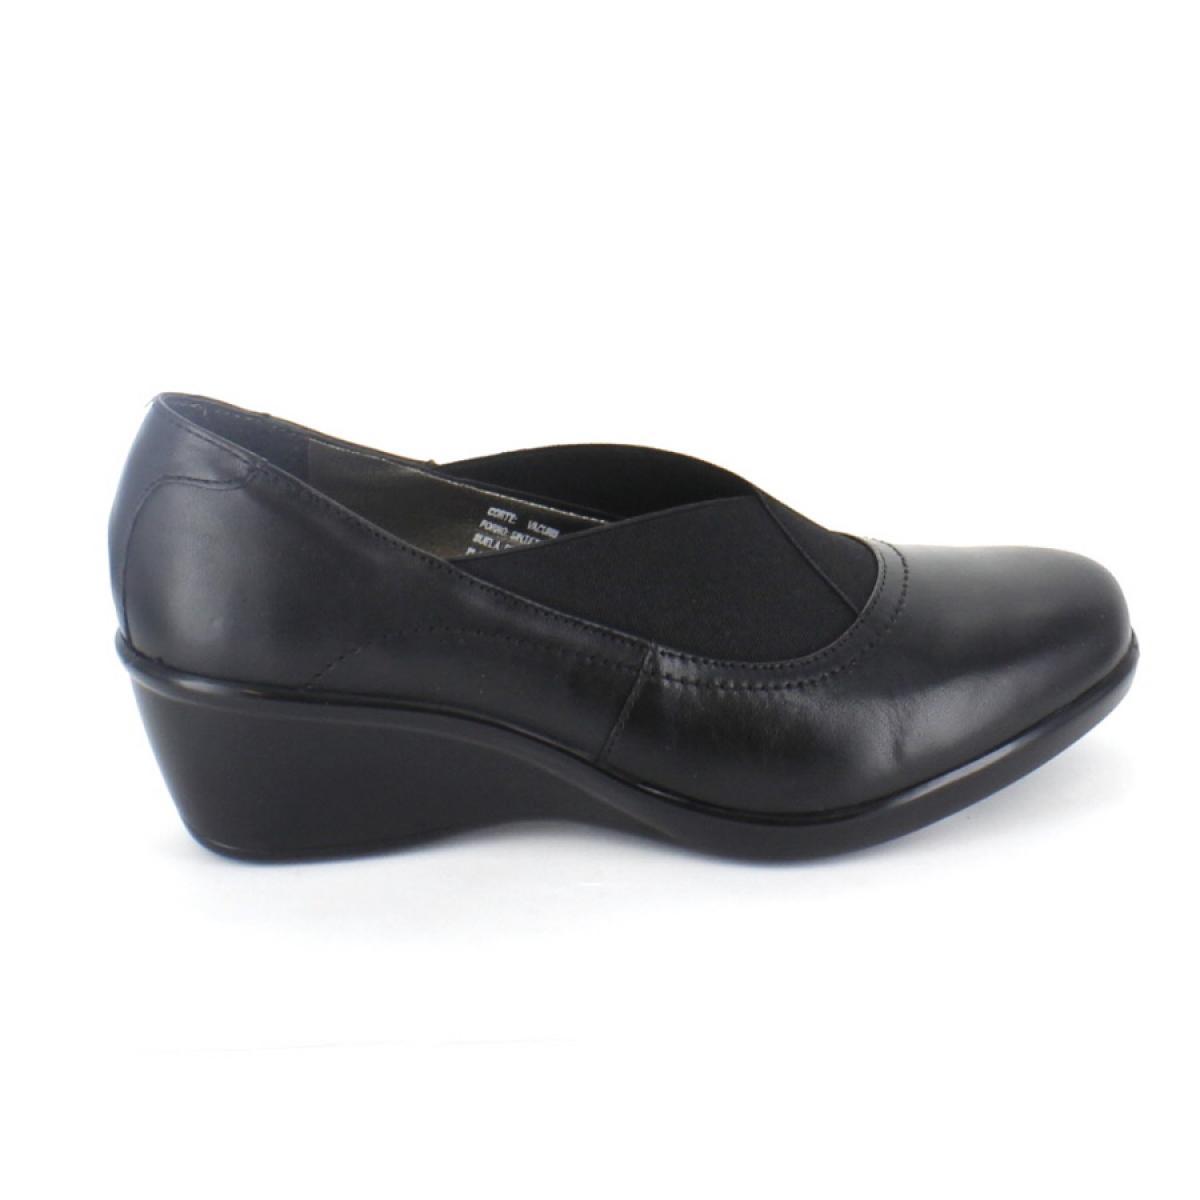 581ac67e Zapato marca Flexi modelo 15201 Color Negro